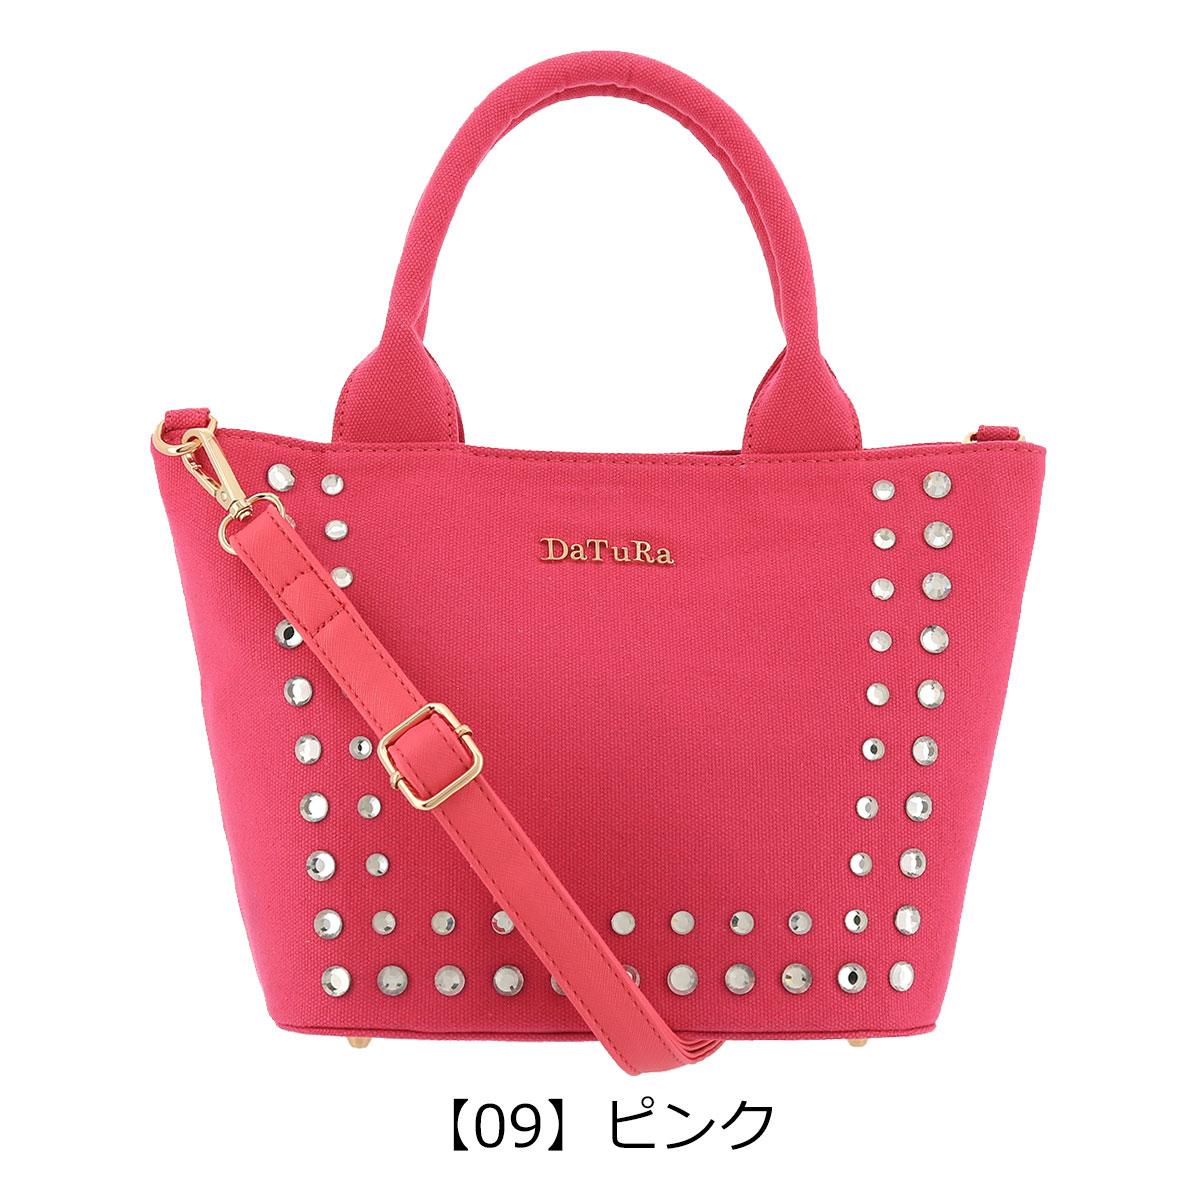 【09】ピンク